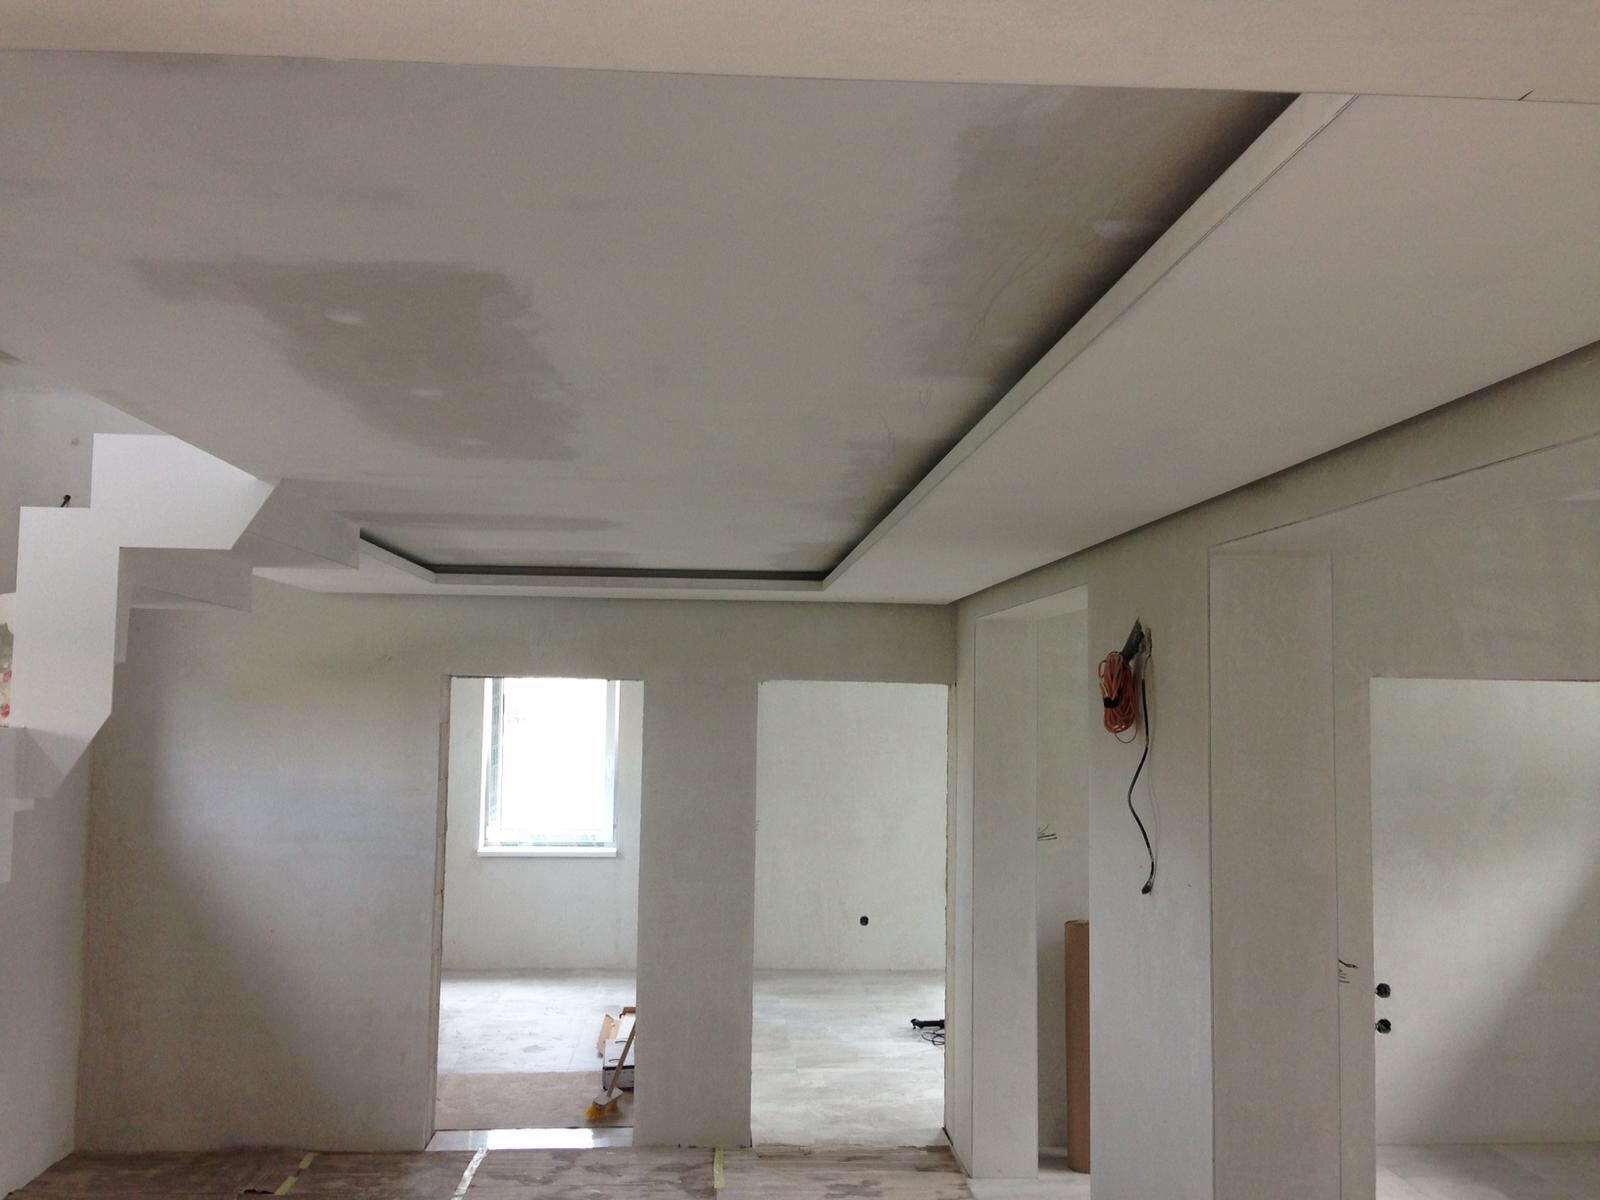 Stavebné práce Košice, rekonštrukcie bytov, rodinných domov a podnikateľských objektov, sadrokartónové stropy a priečky, úprava stien, bytové jadrá, kúpeľne